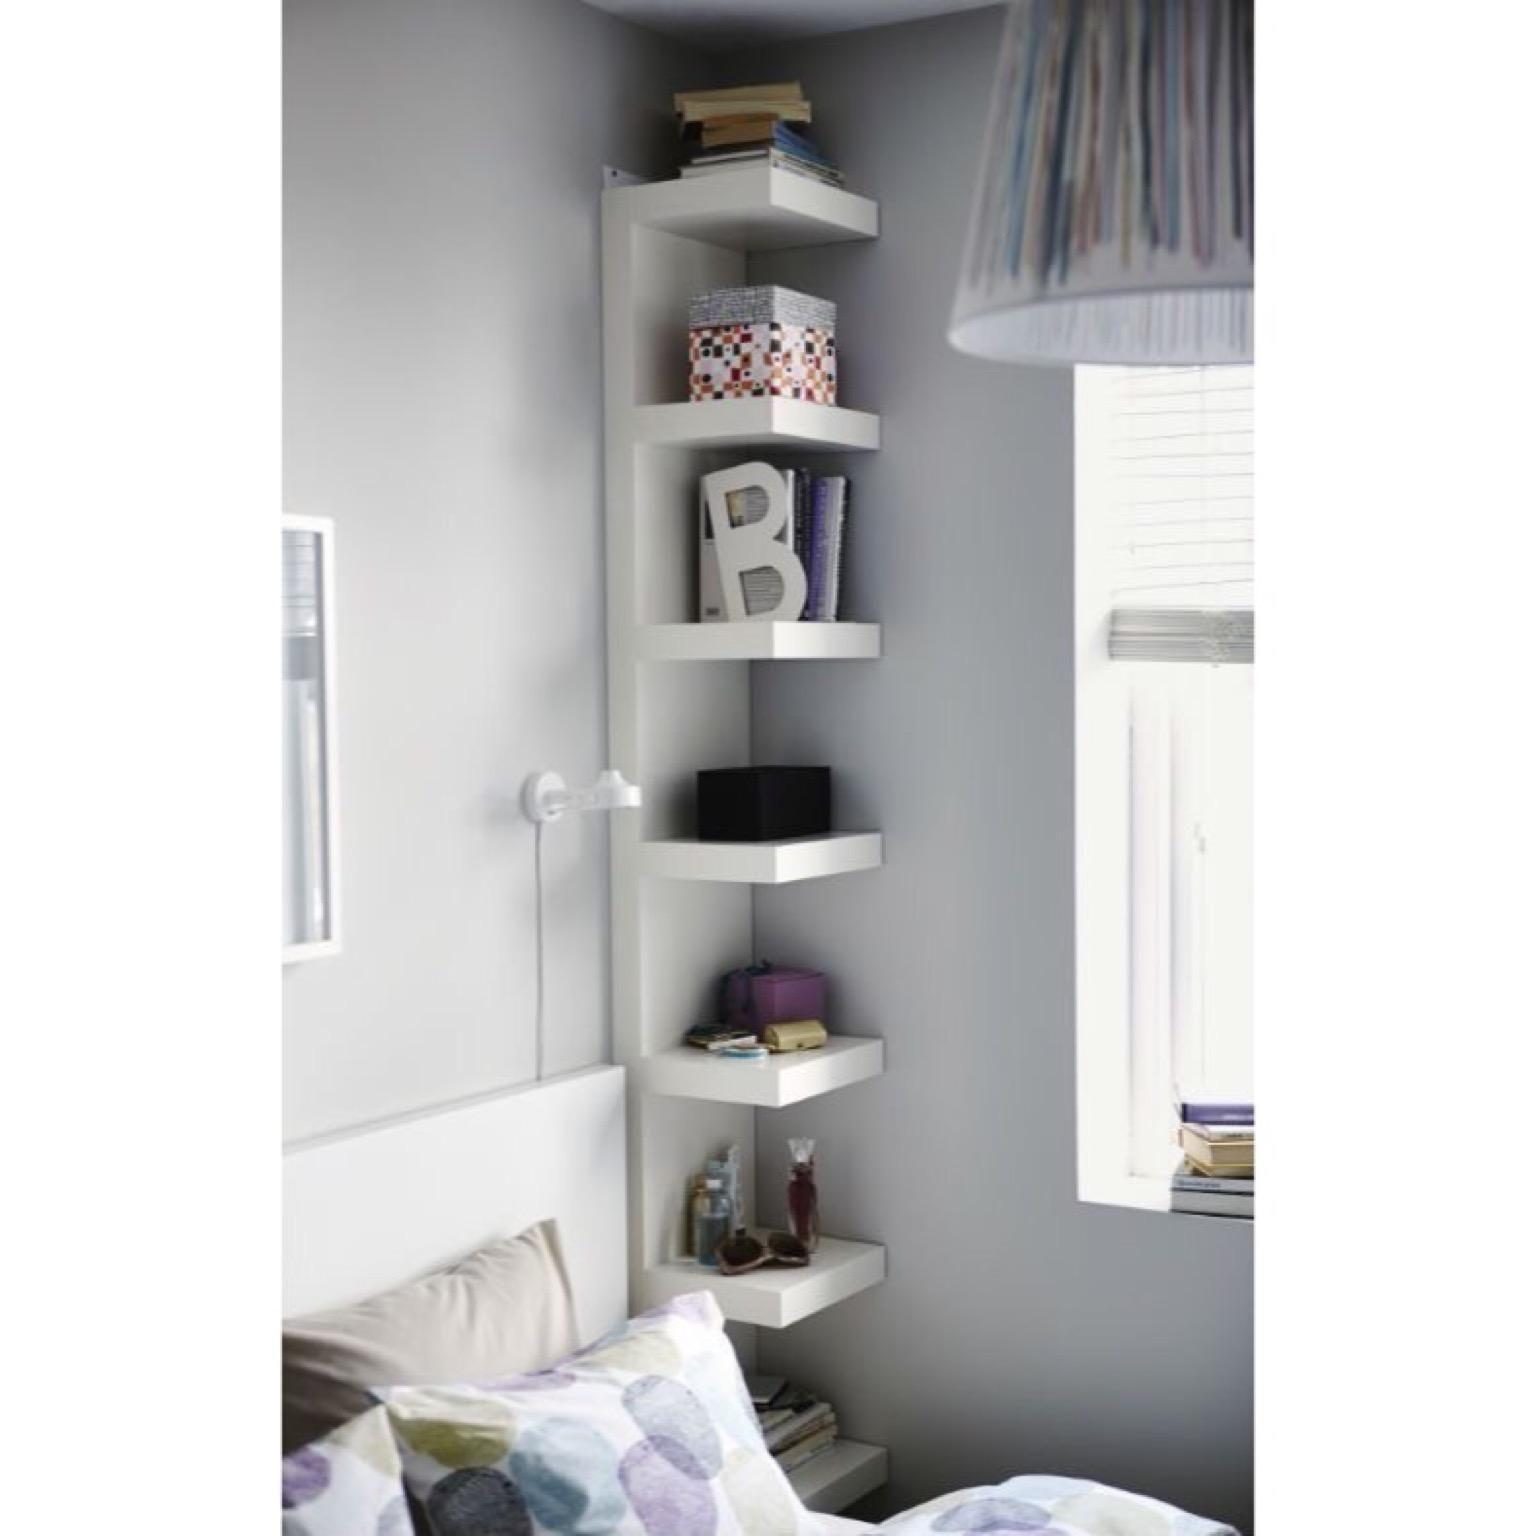 Shelf By Rashellpalomino On Snupps